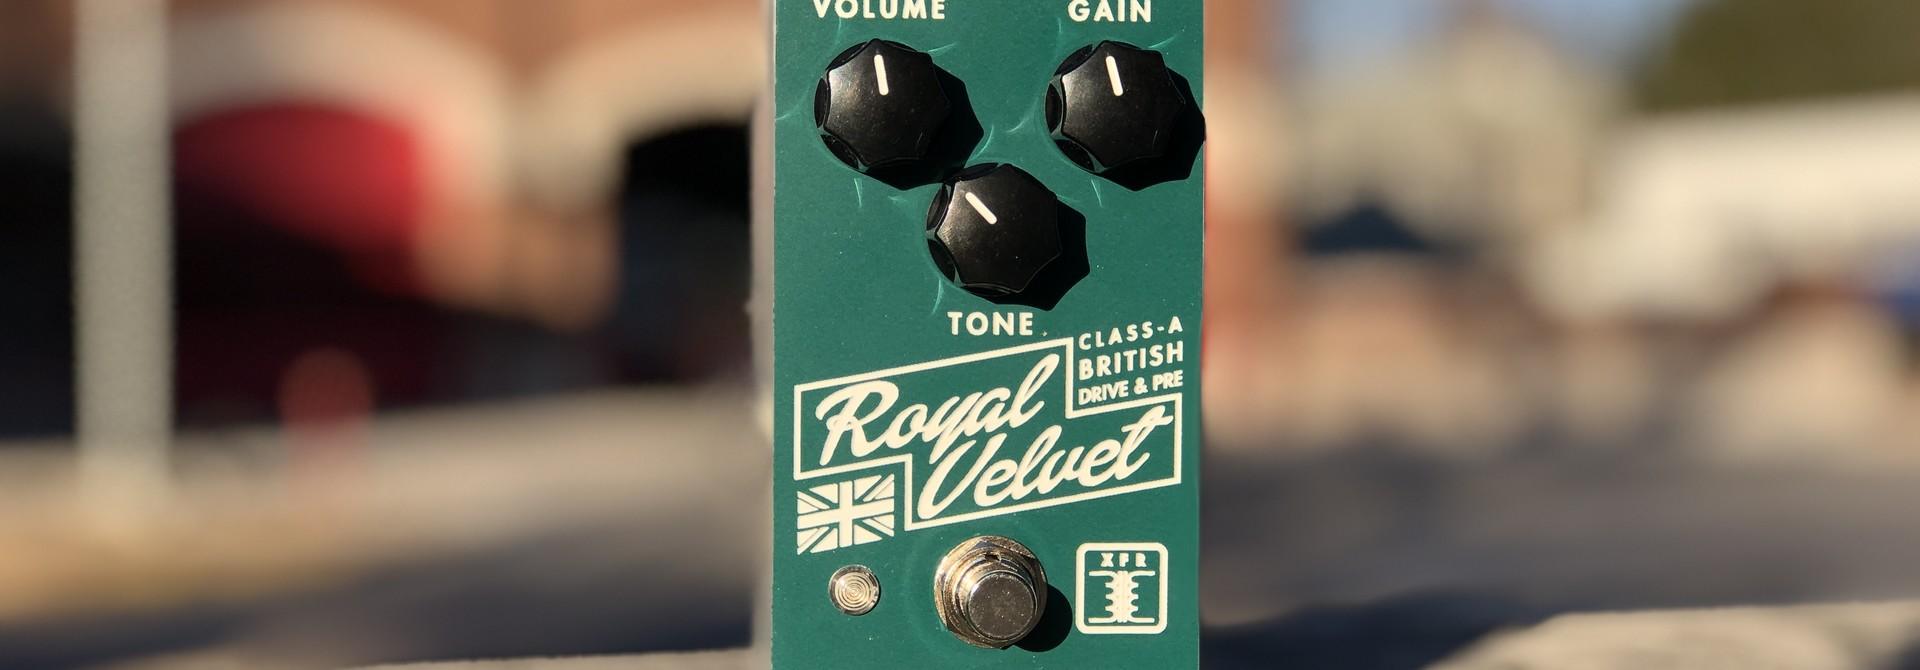 Greer Amps Royal Velvet Drive & Pre-Amp